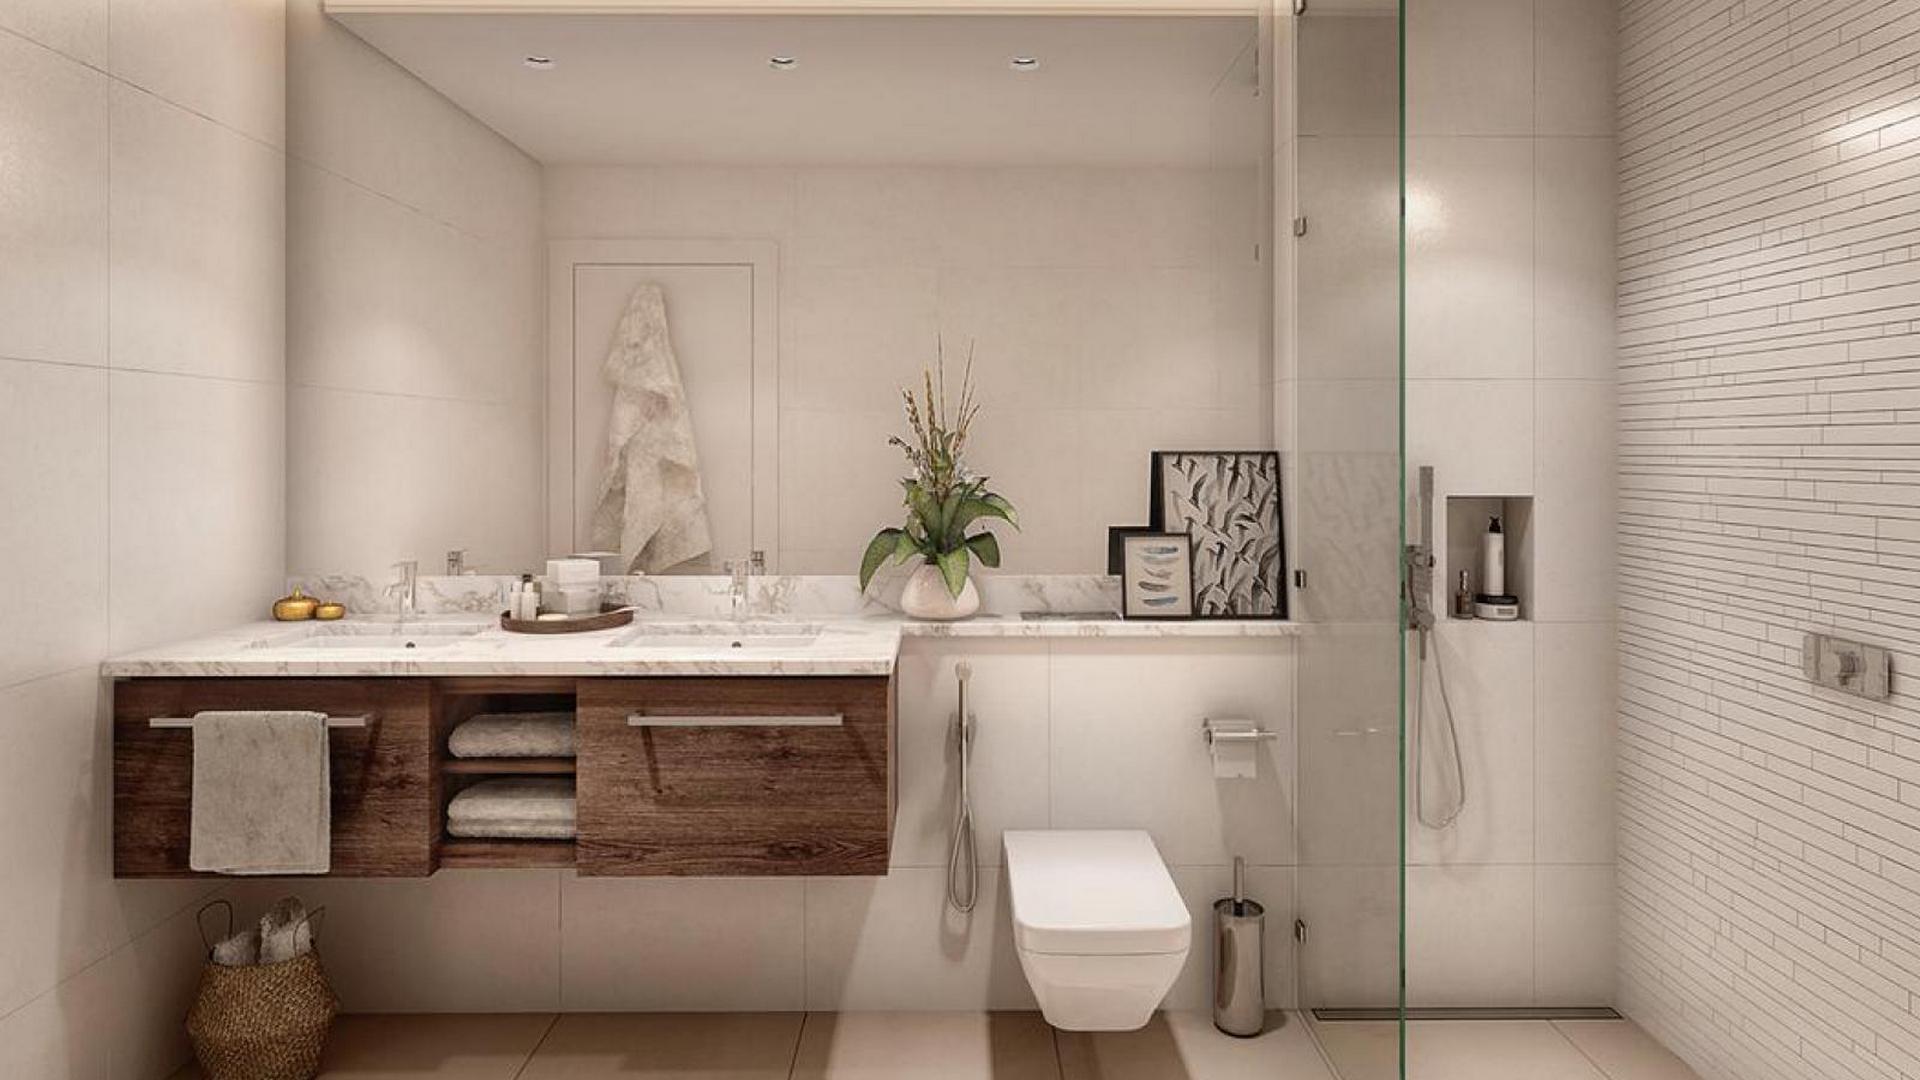 Dúplex en venta en Dubai, EAU, 4 dormitorios, 492 m2, № 24224 – foto 1